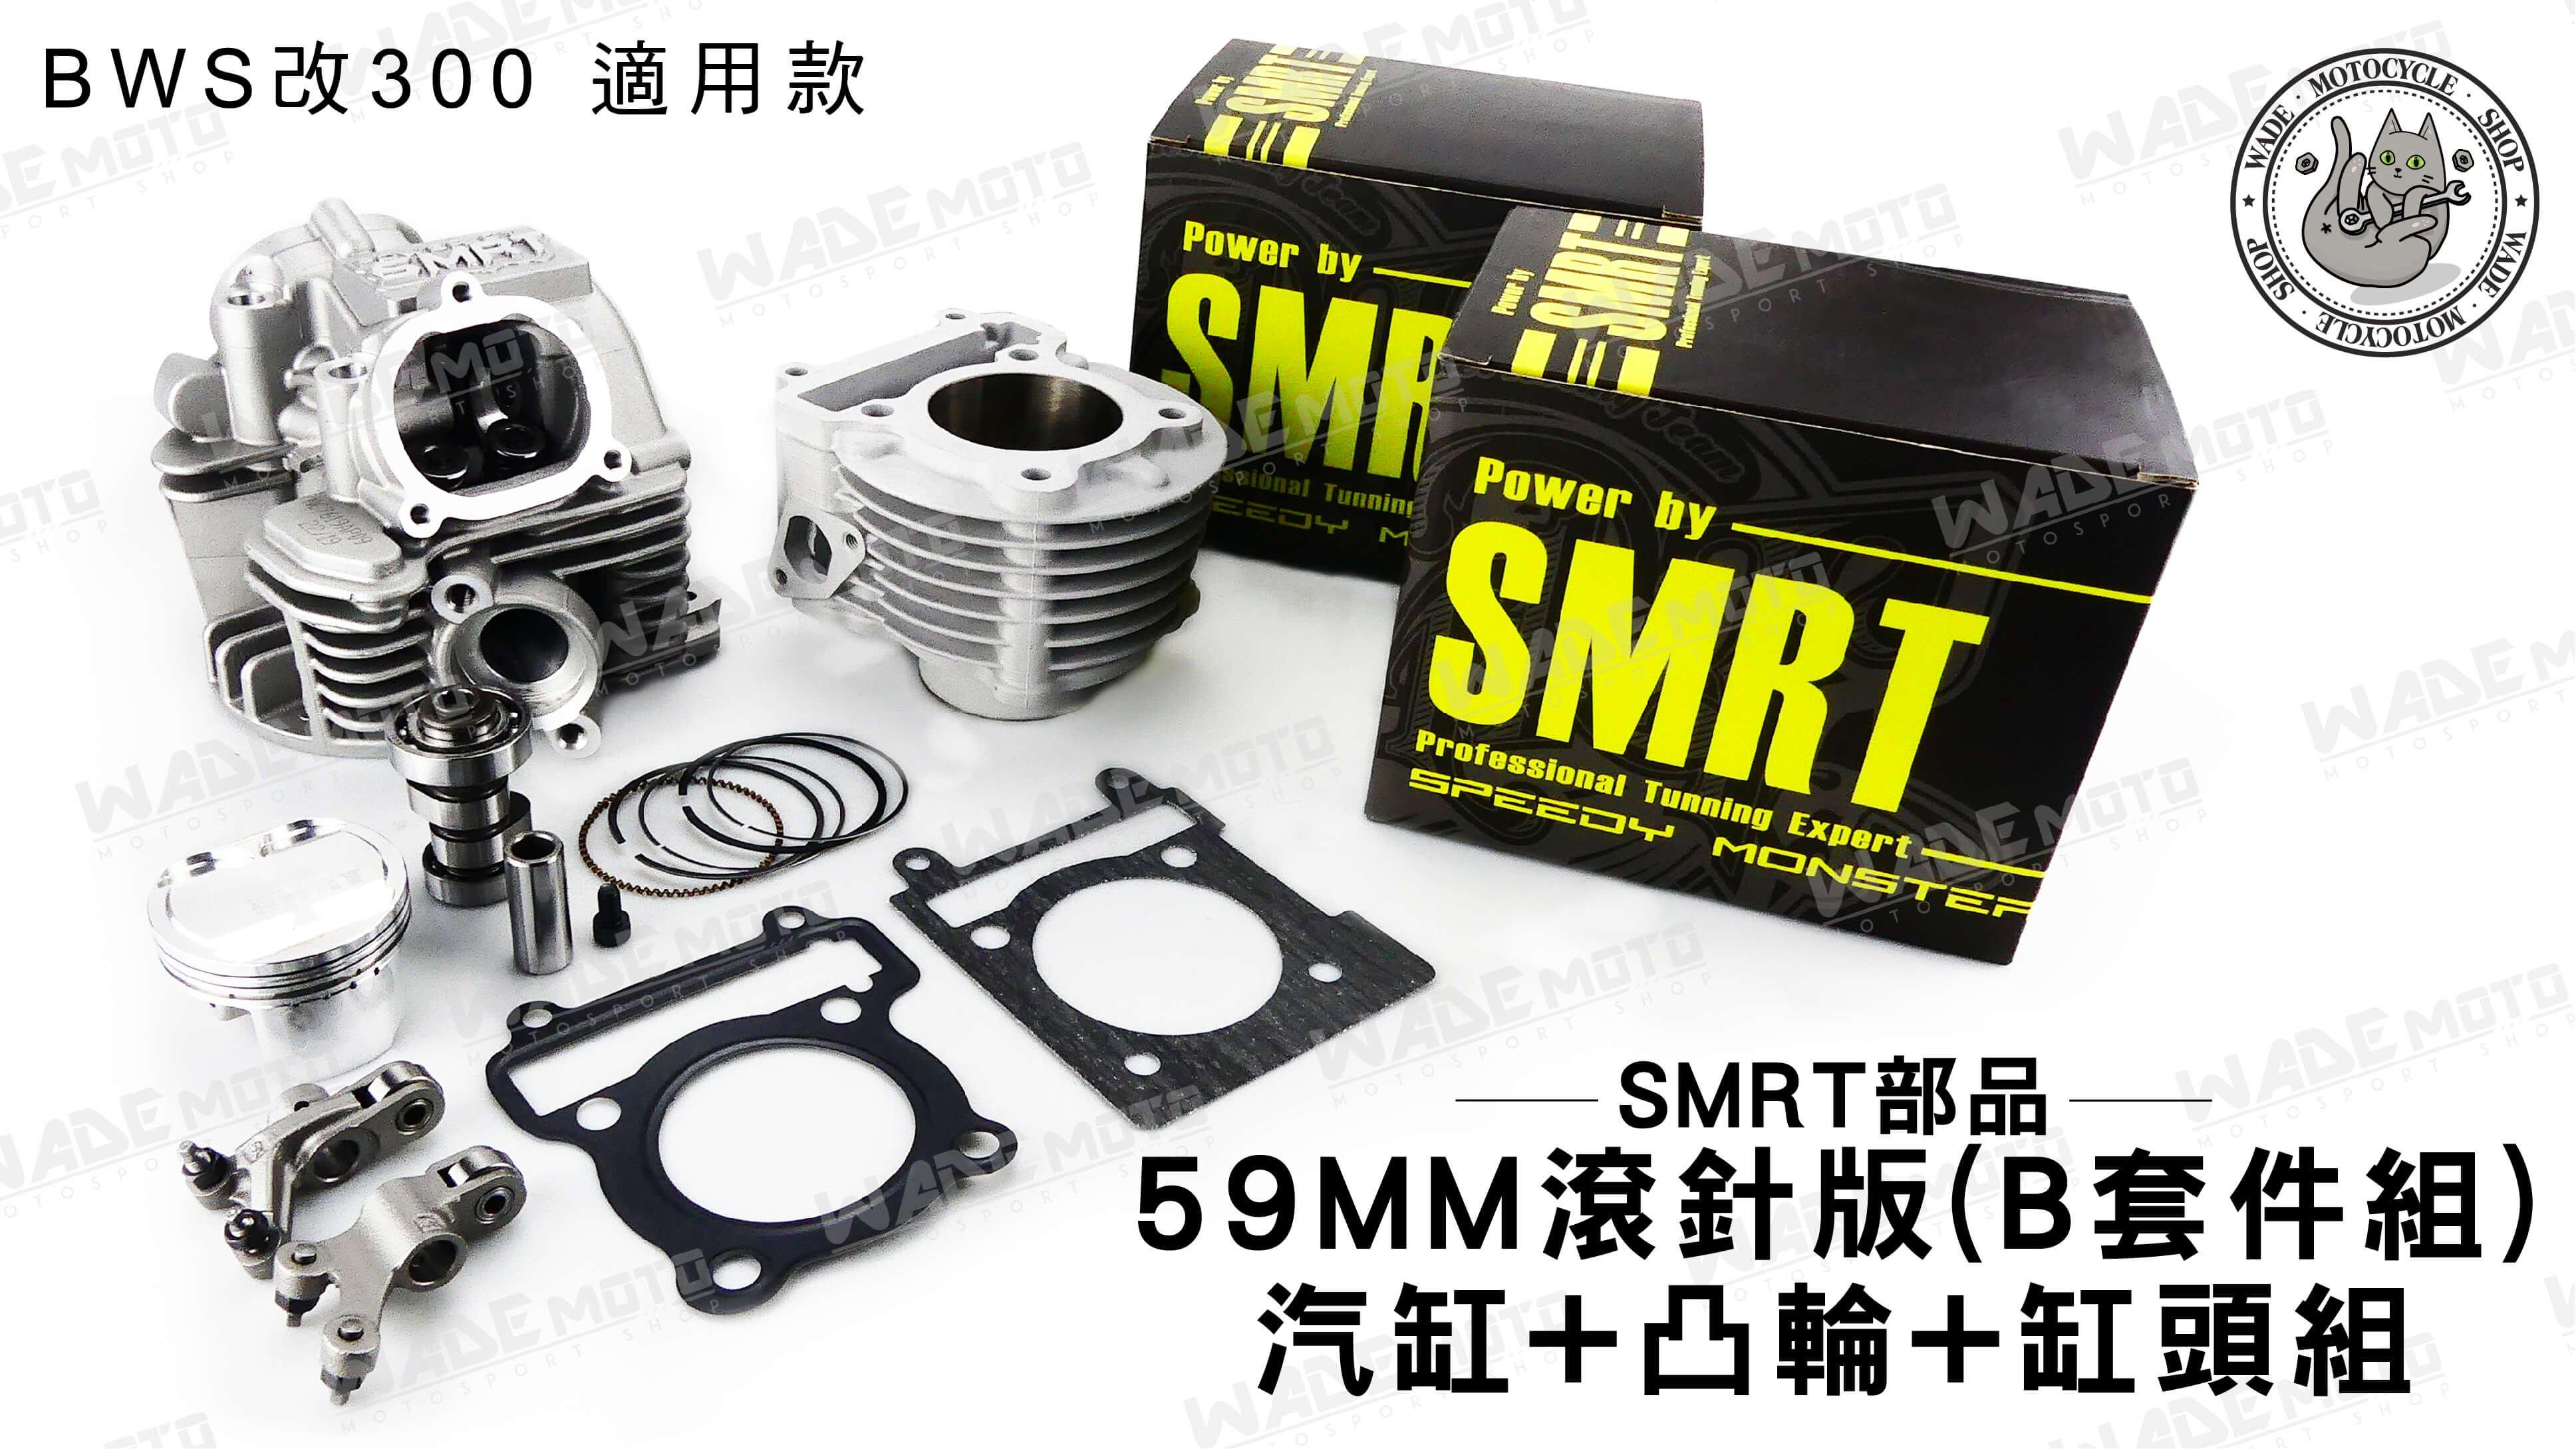 請勿下標-韋德機車材料 SMRT部品 59MM 滾針版 B套件組 氣缸 凸輪 缸頭組 適用 BWS 改300